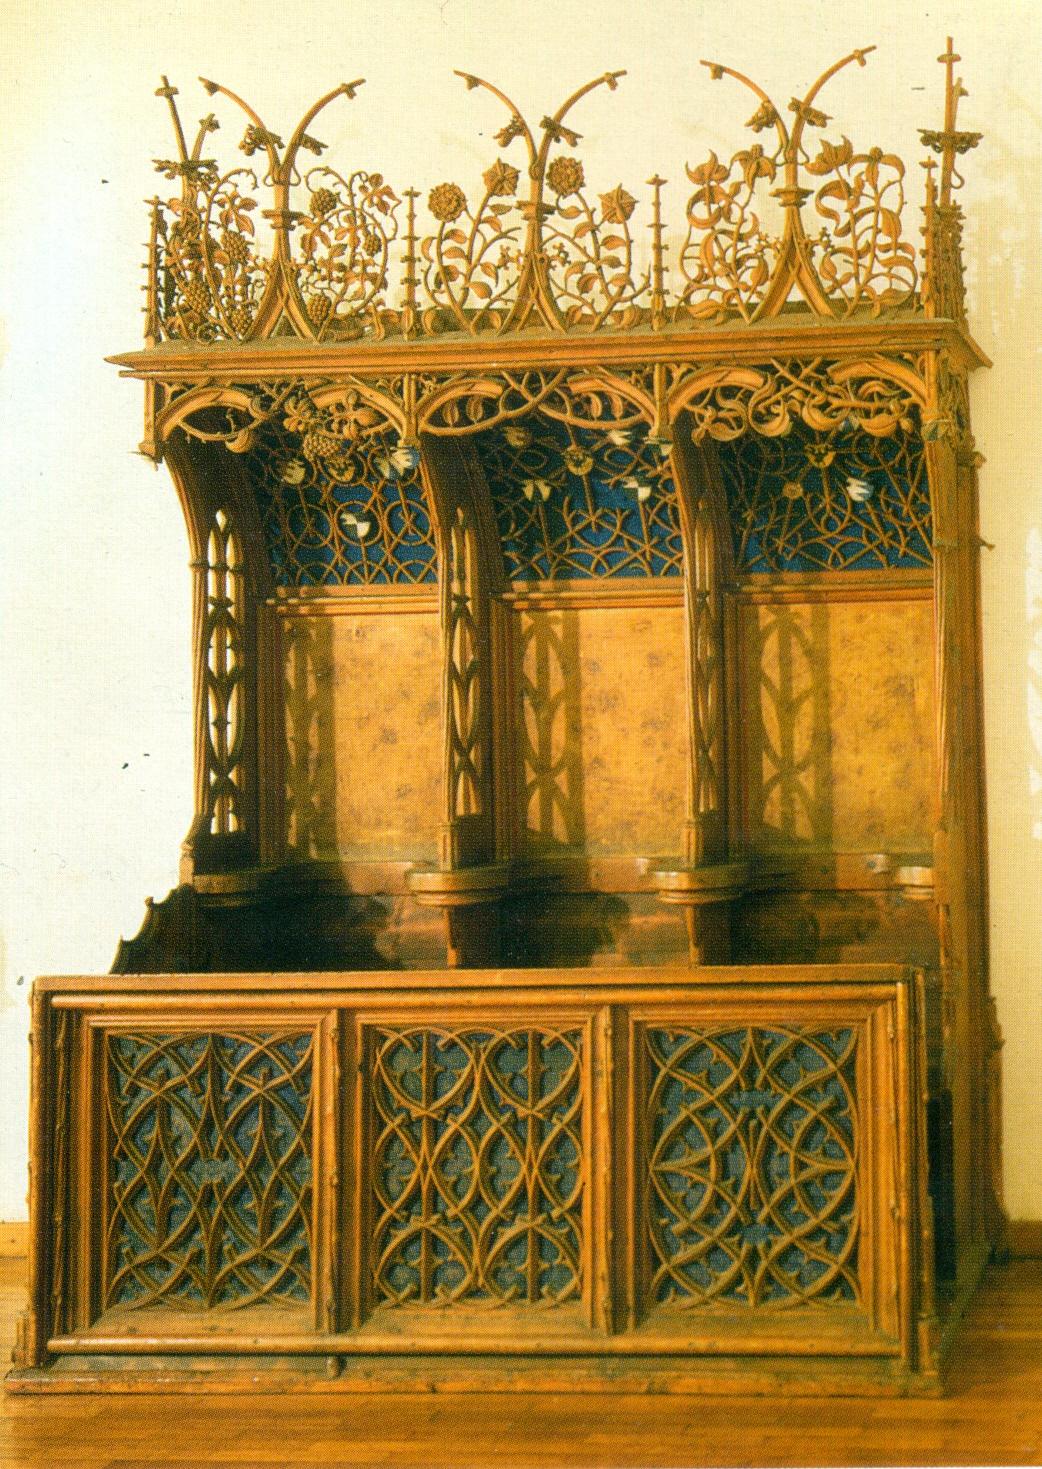 Gehobene Lebenskultur im Geiste der Spätgotik zeigt der mit Maßwerk, Blattranken und Wimpergen prachtvoll gestaltete dreisitzige Chorstuhl von Annenberg.